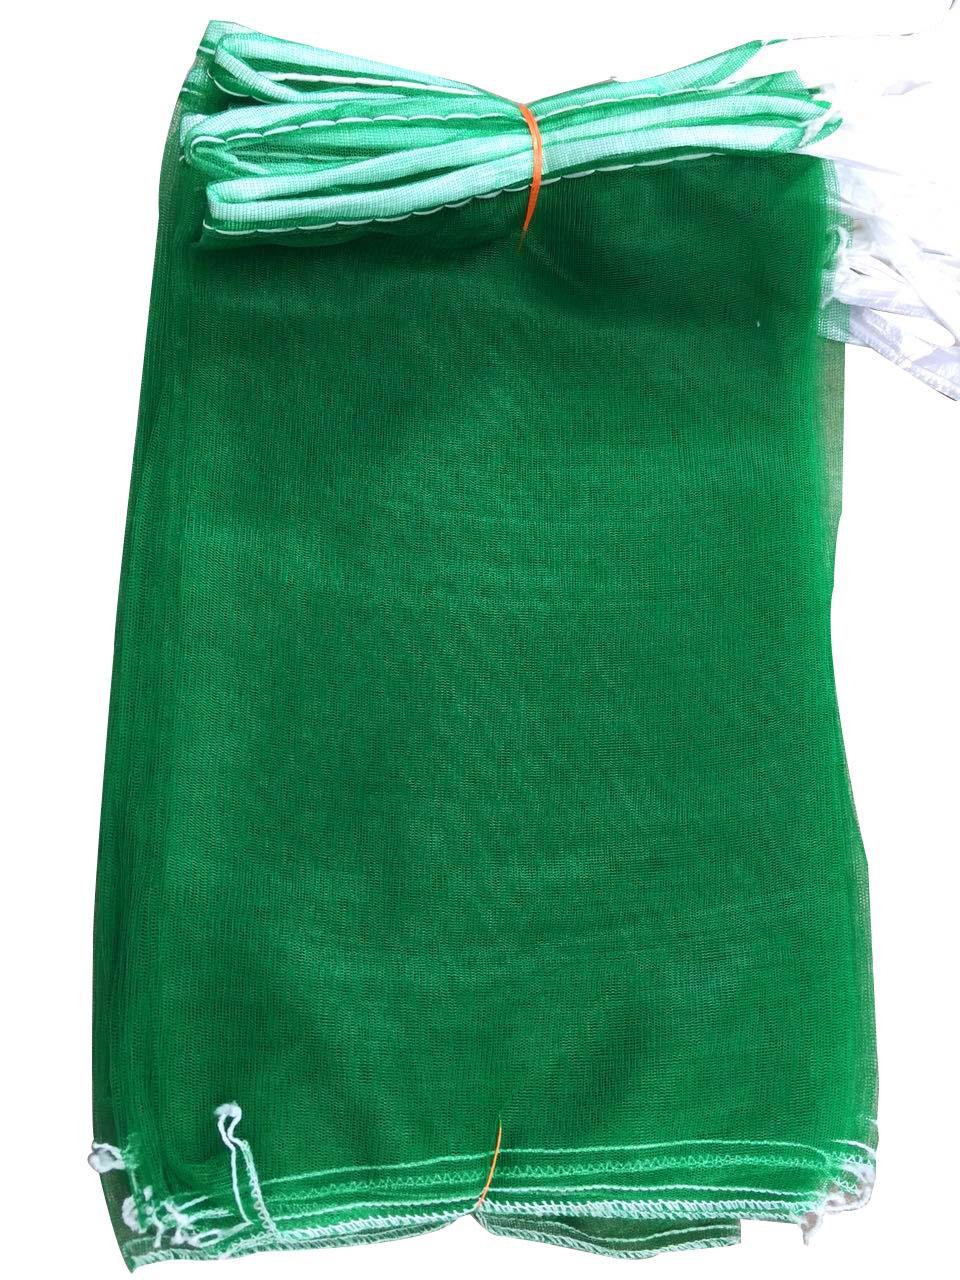 食品包装网袋